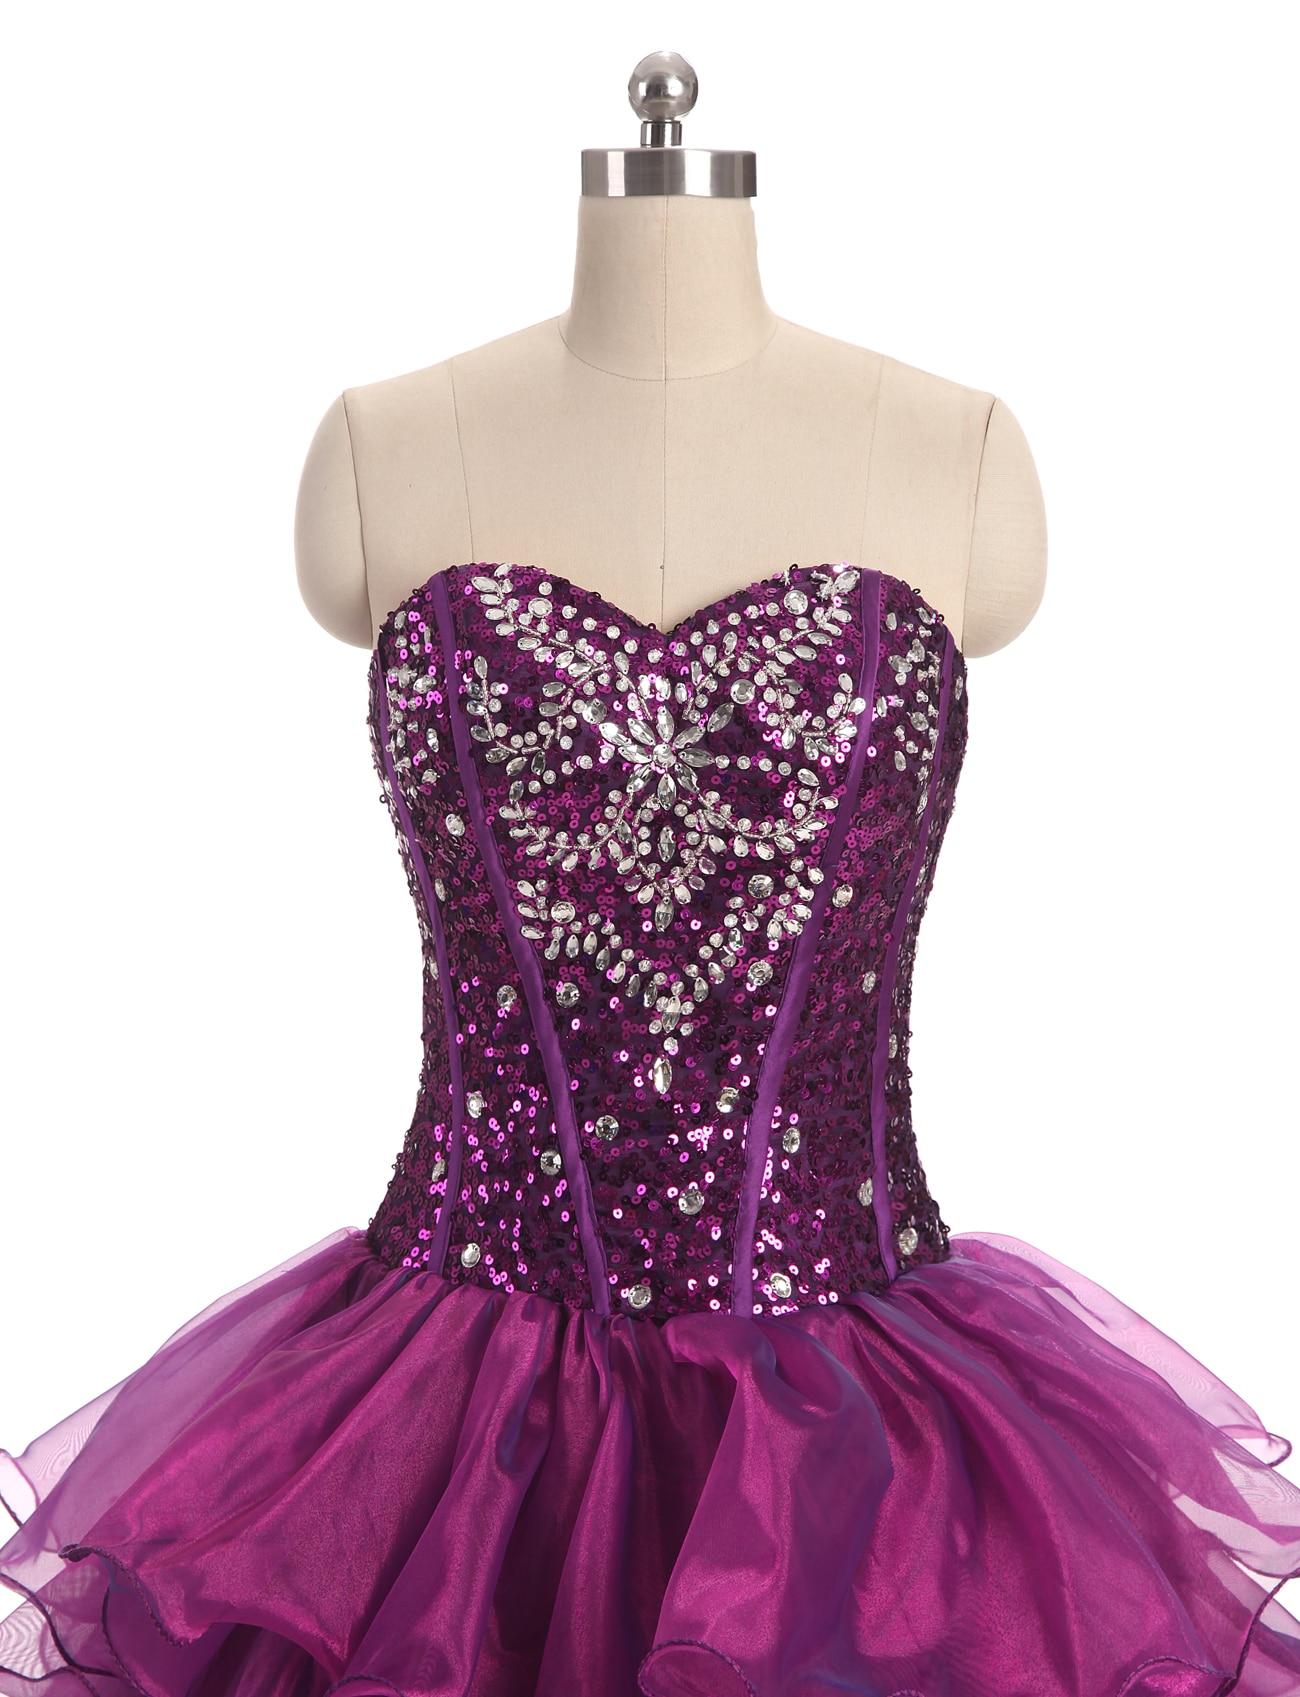 2017 nieuwe sweetheart paarse jurken organza sweet 16 jurken - Jurken voor bijzondere gelegenheden - Foto 4